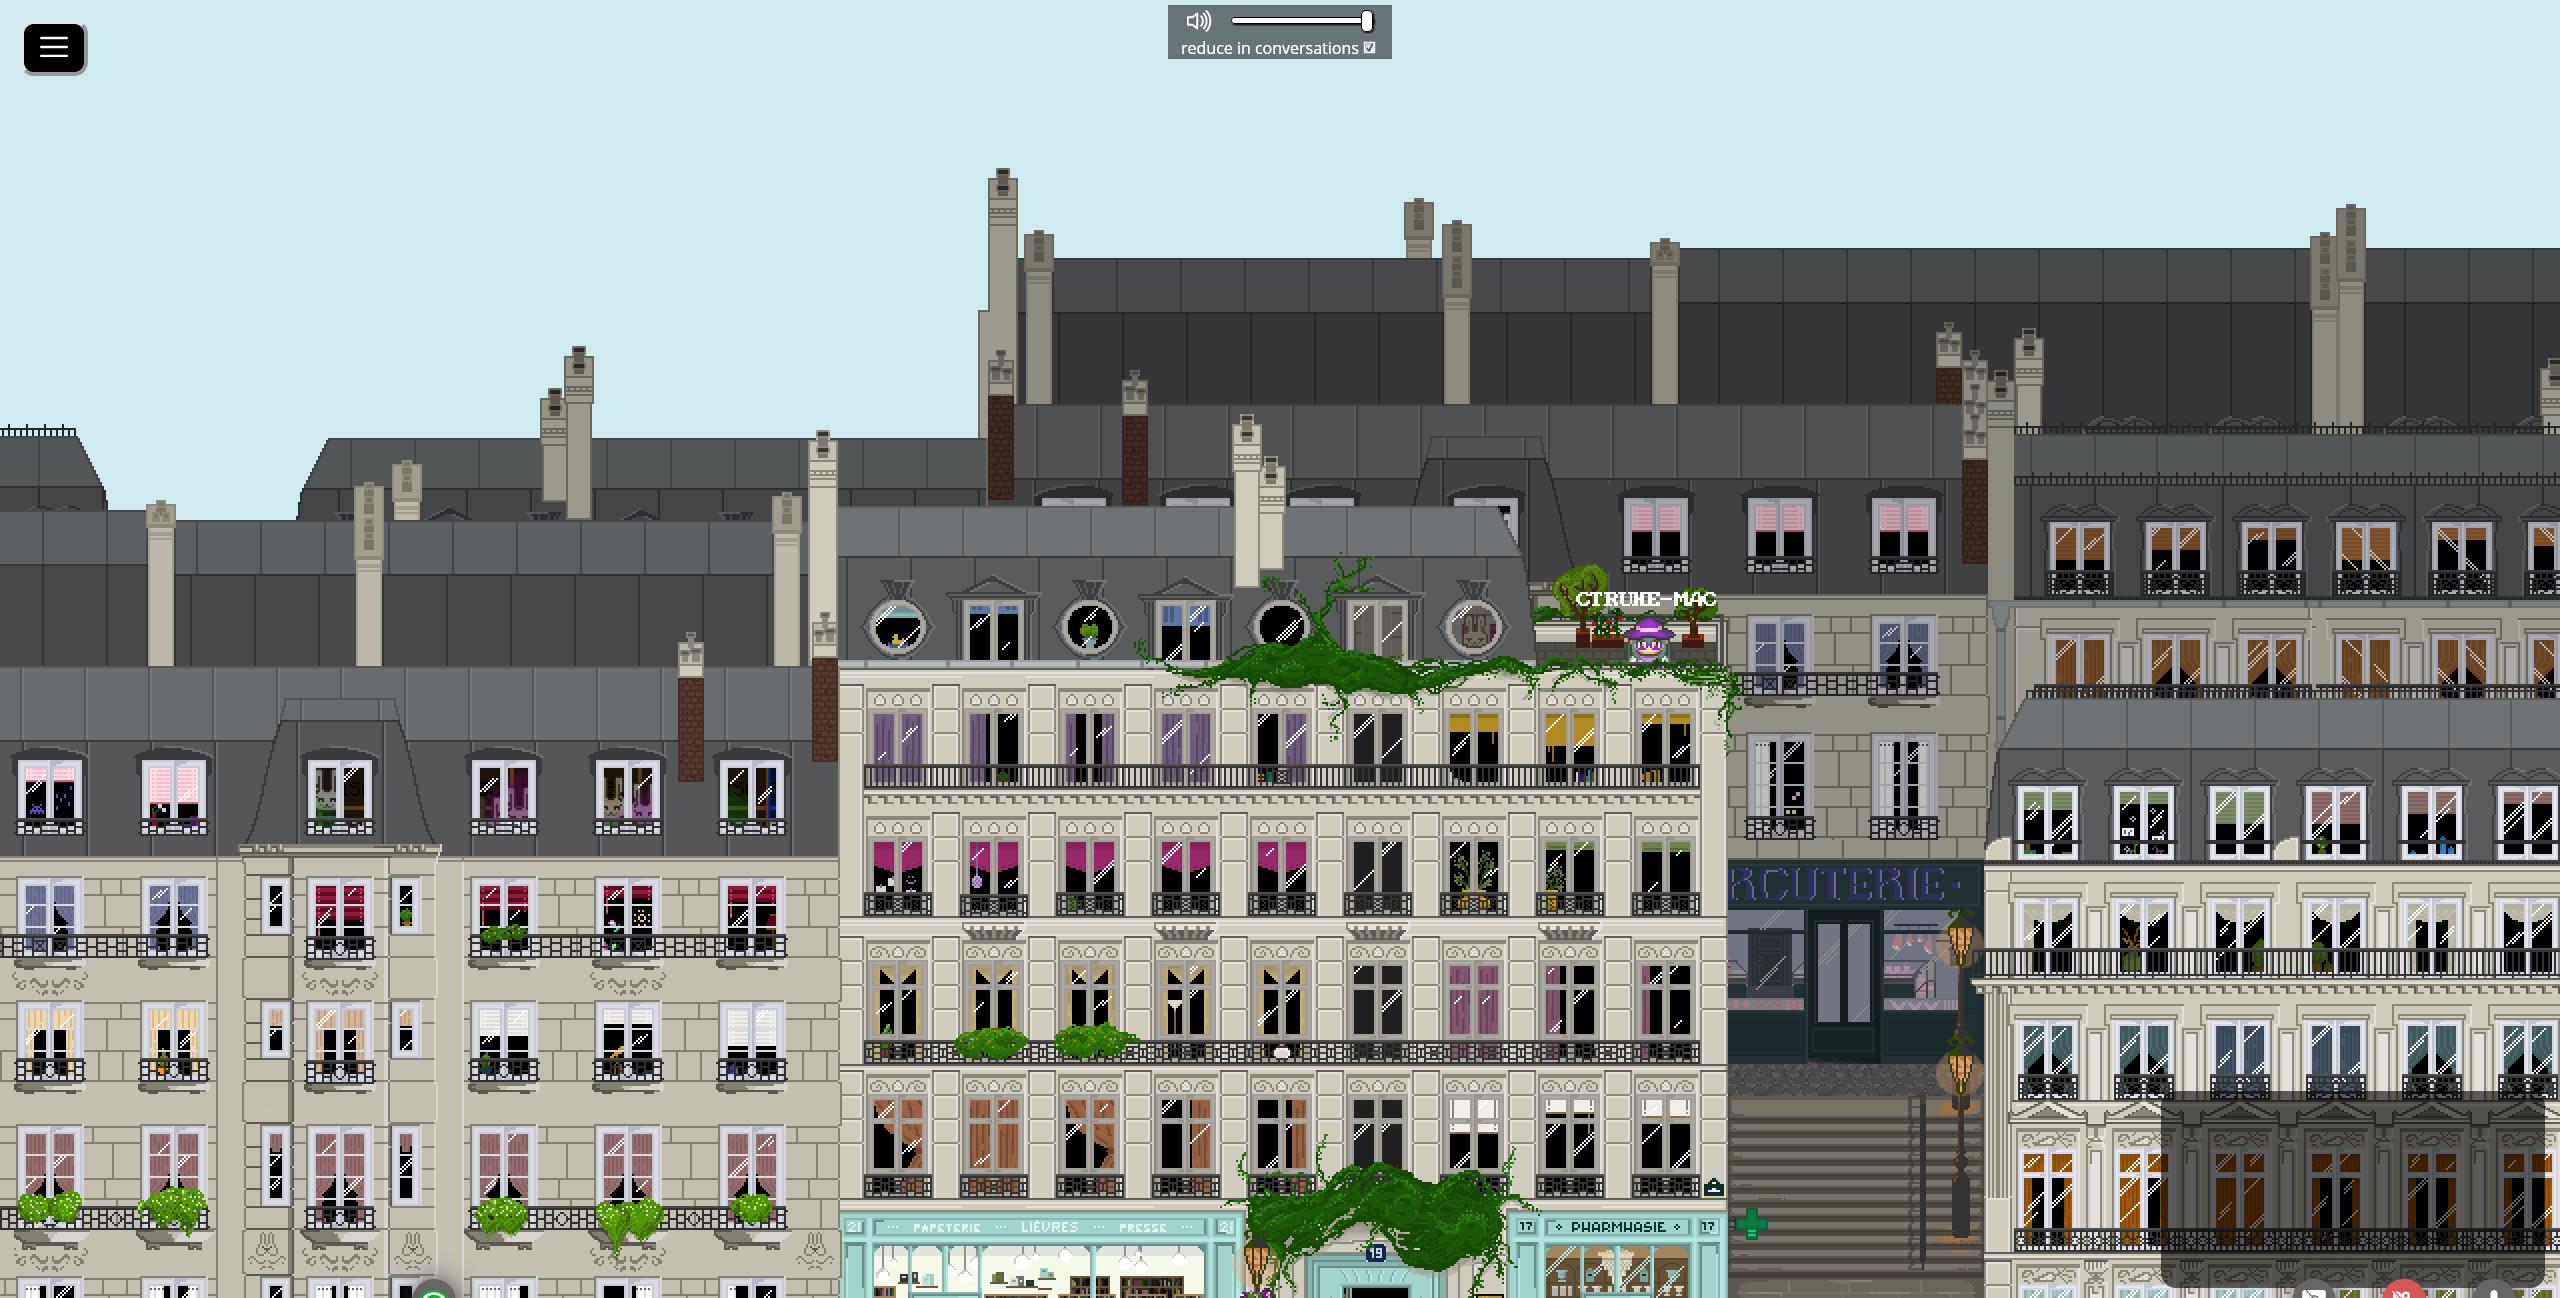 Screenshot mehrerer Häuserfronten, wie man sie in bspw. in Paris antrifft. Auf einer Dachterrasse befindet sich ein Avatar.